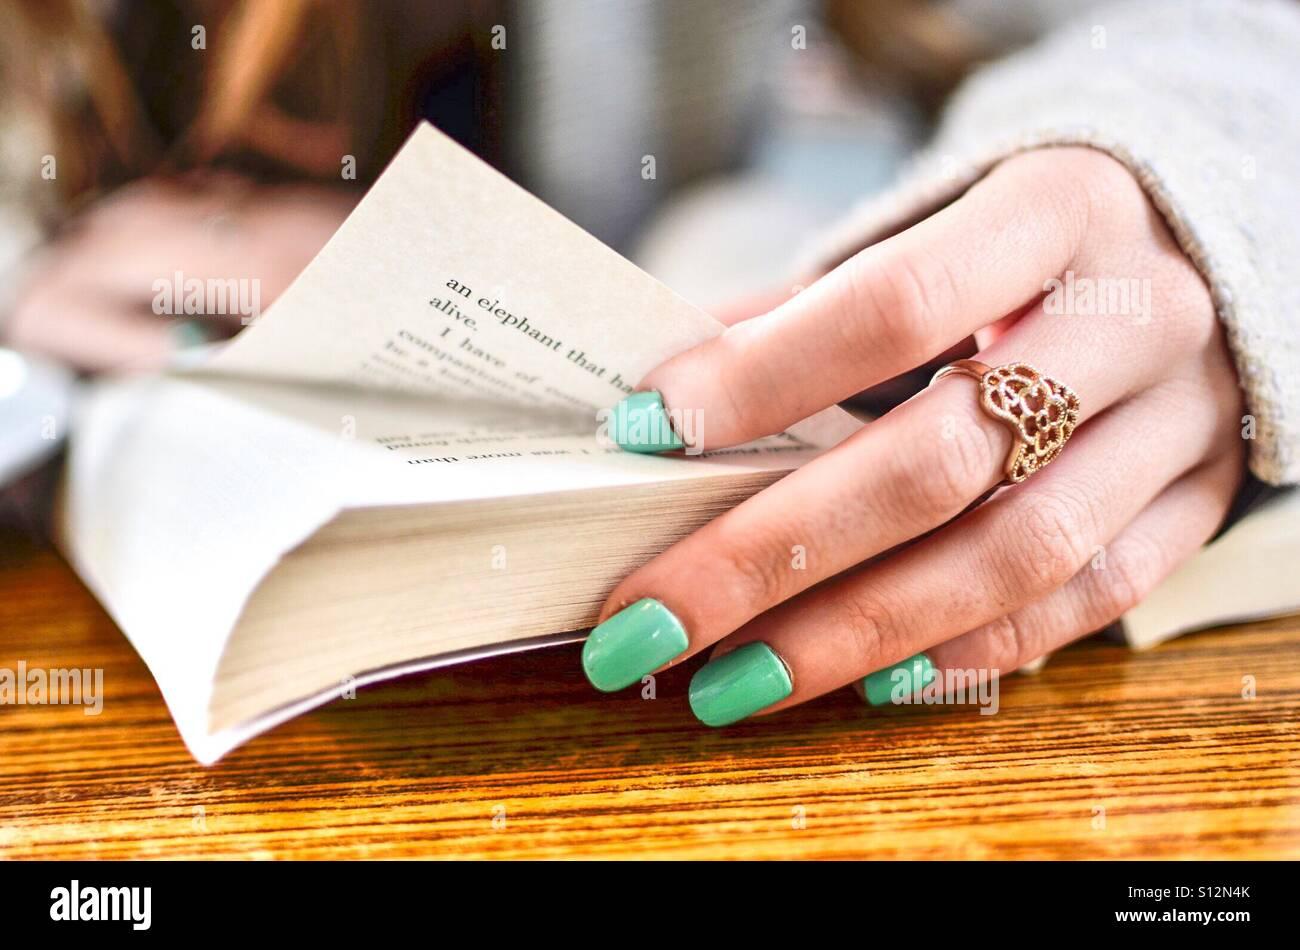 Las mujeres leyendo un libro con las uñas de color turquesa y bonito ...